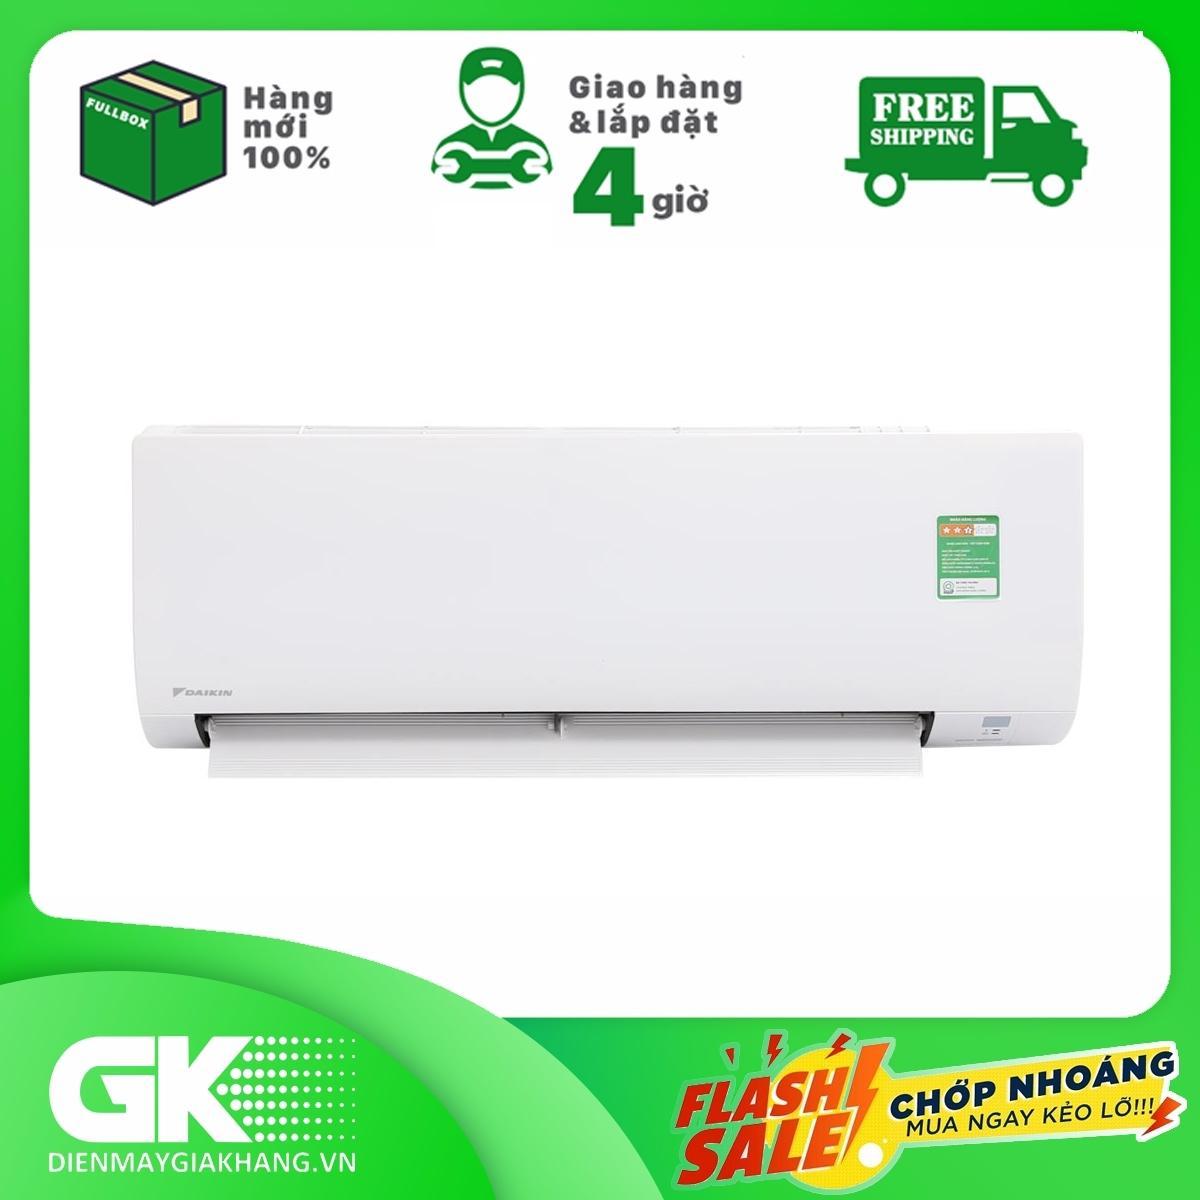 Máy Lạnh Daikin 1.5 HP FTC35NV1V Cùng Khuyến Mại Sốc